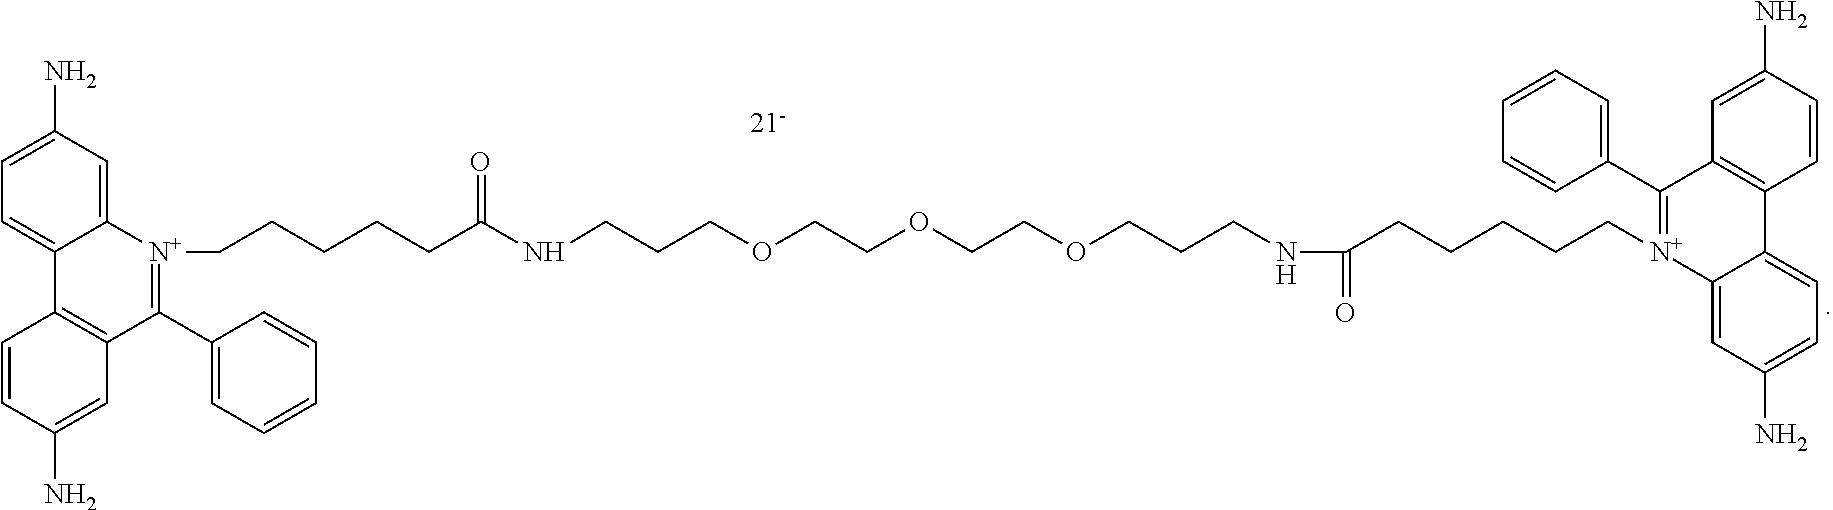 Figure US08877437-20141104-C00075